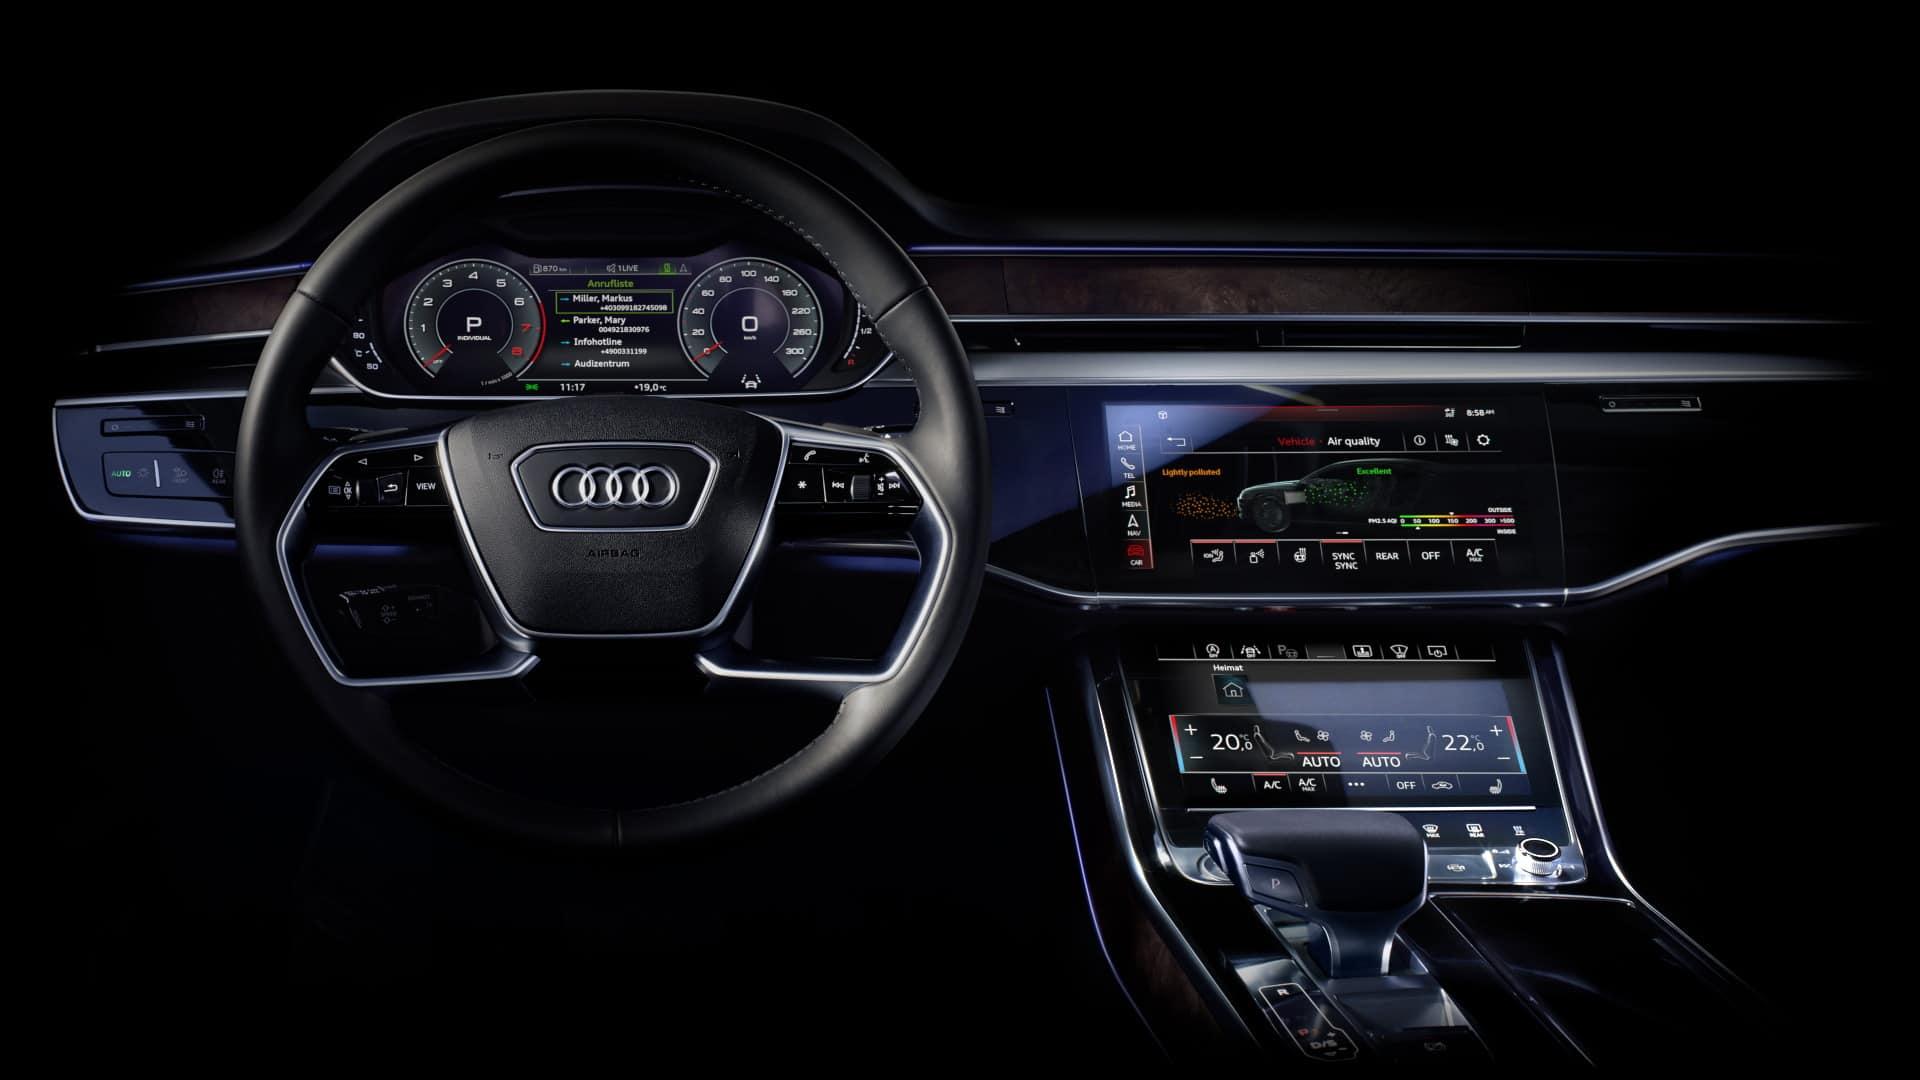 A8 Gt A8 Gt Audi Polska Przewaga Dzięki Technice